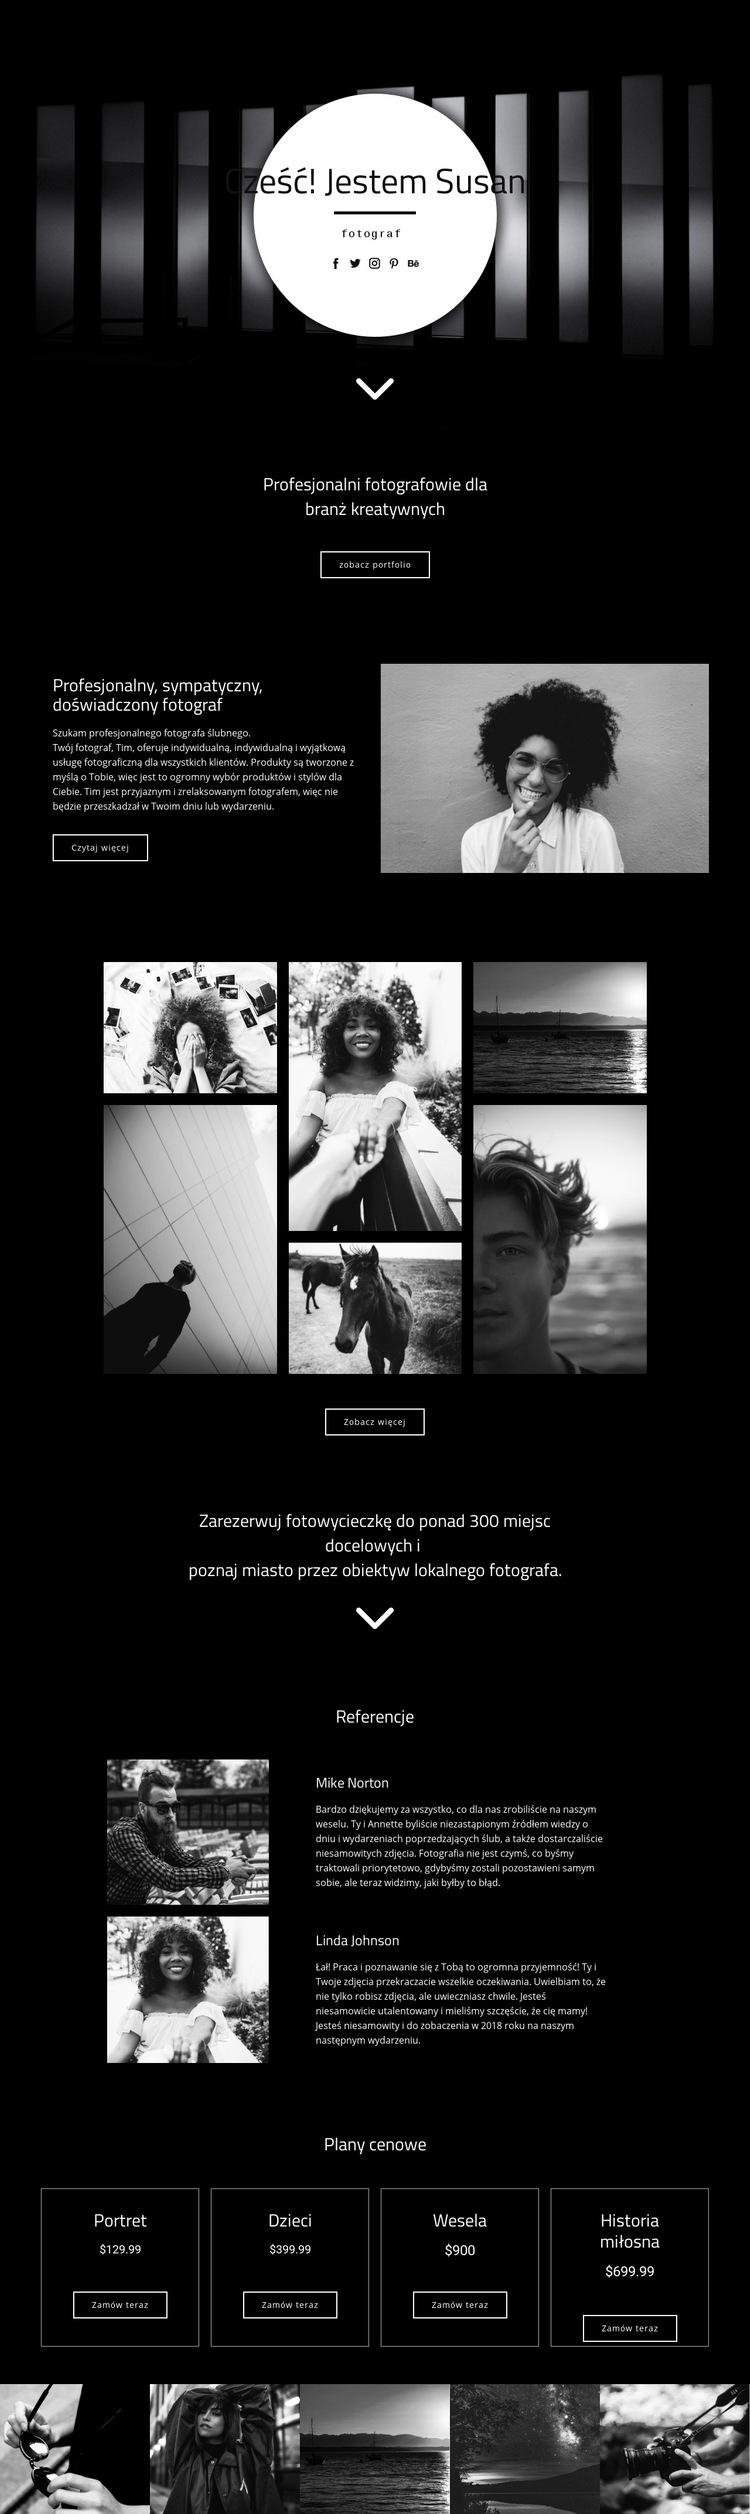 Twój fotograf Szablon witryny sieci Web